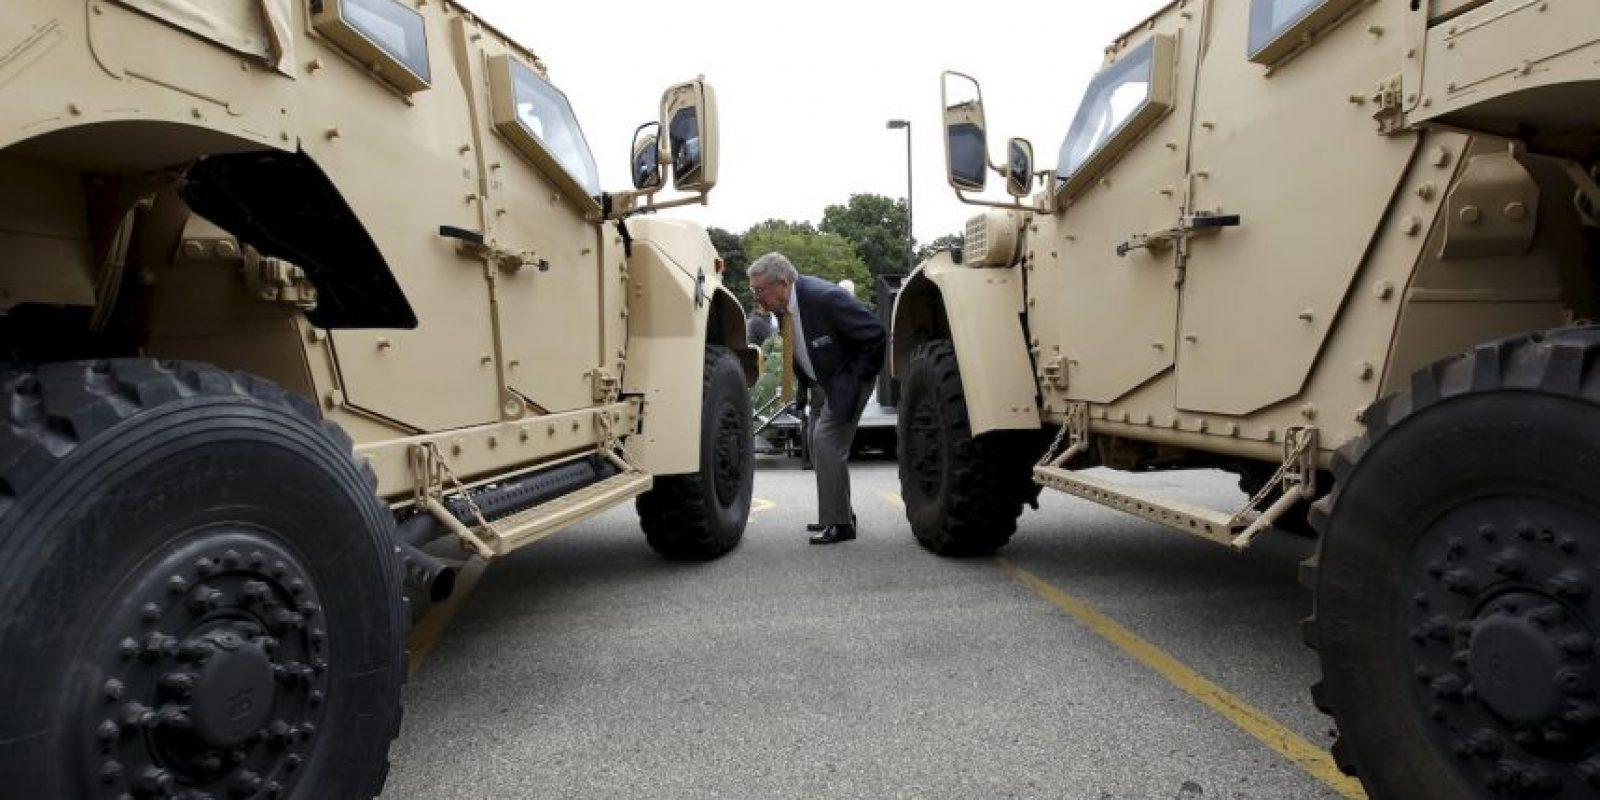 Este es el vehículo JLTV. Foto:AP